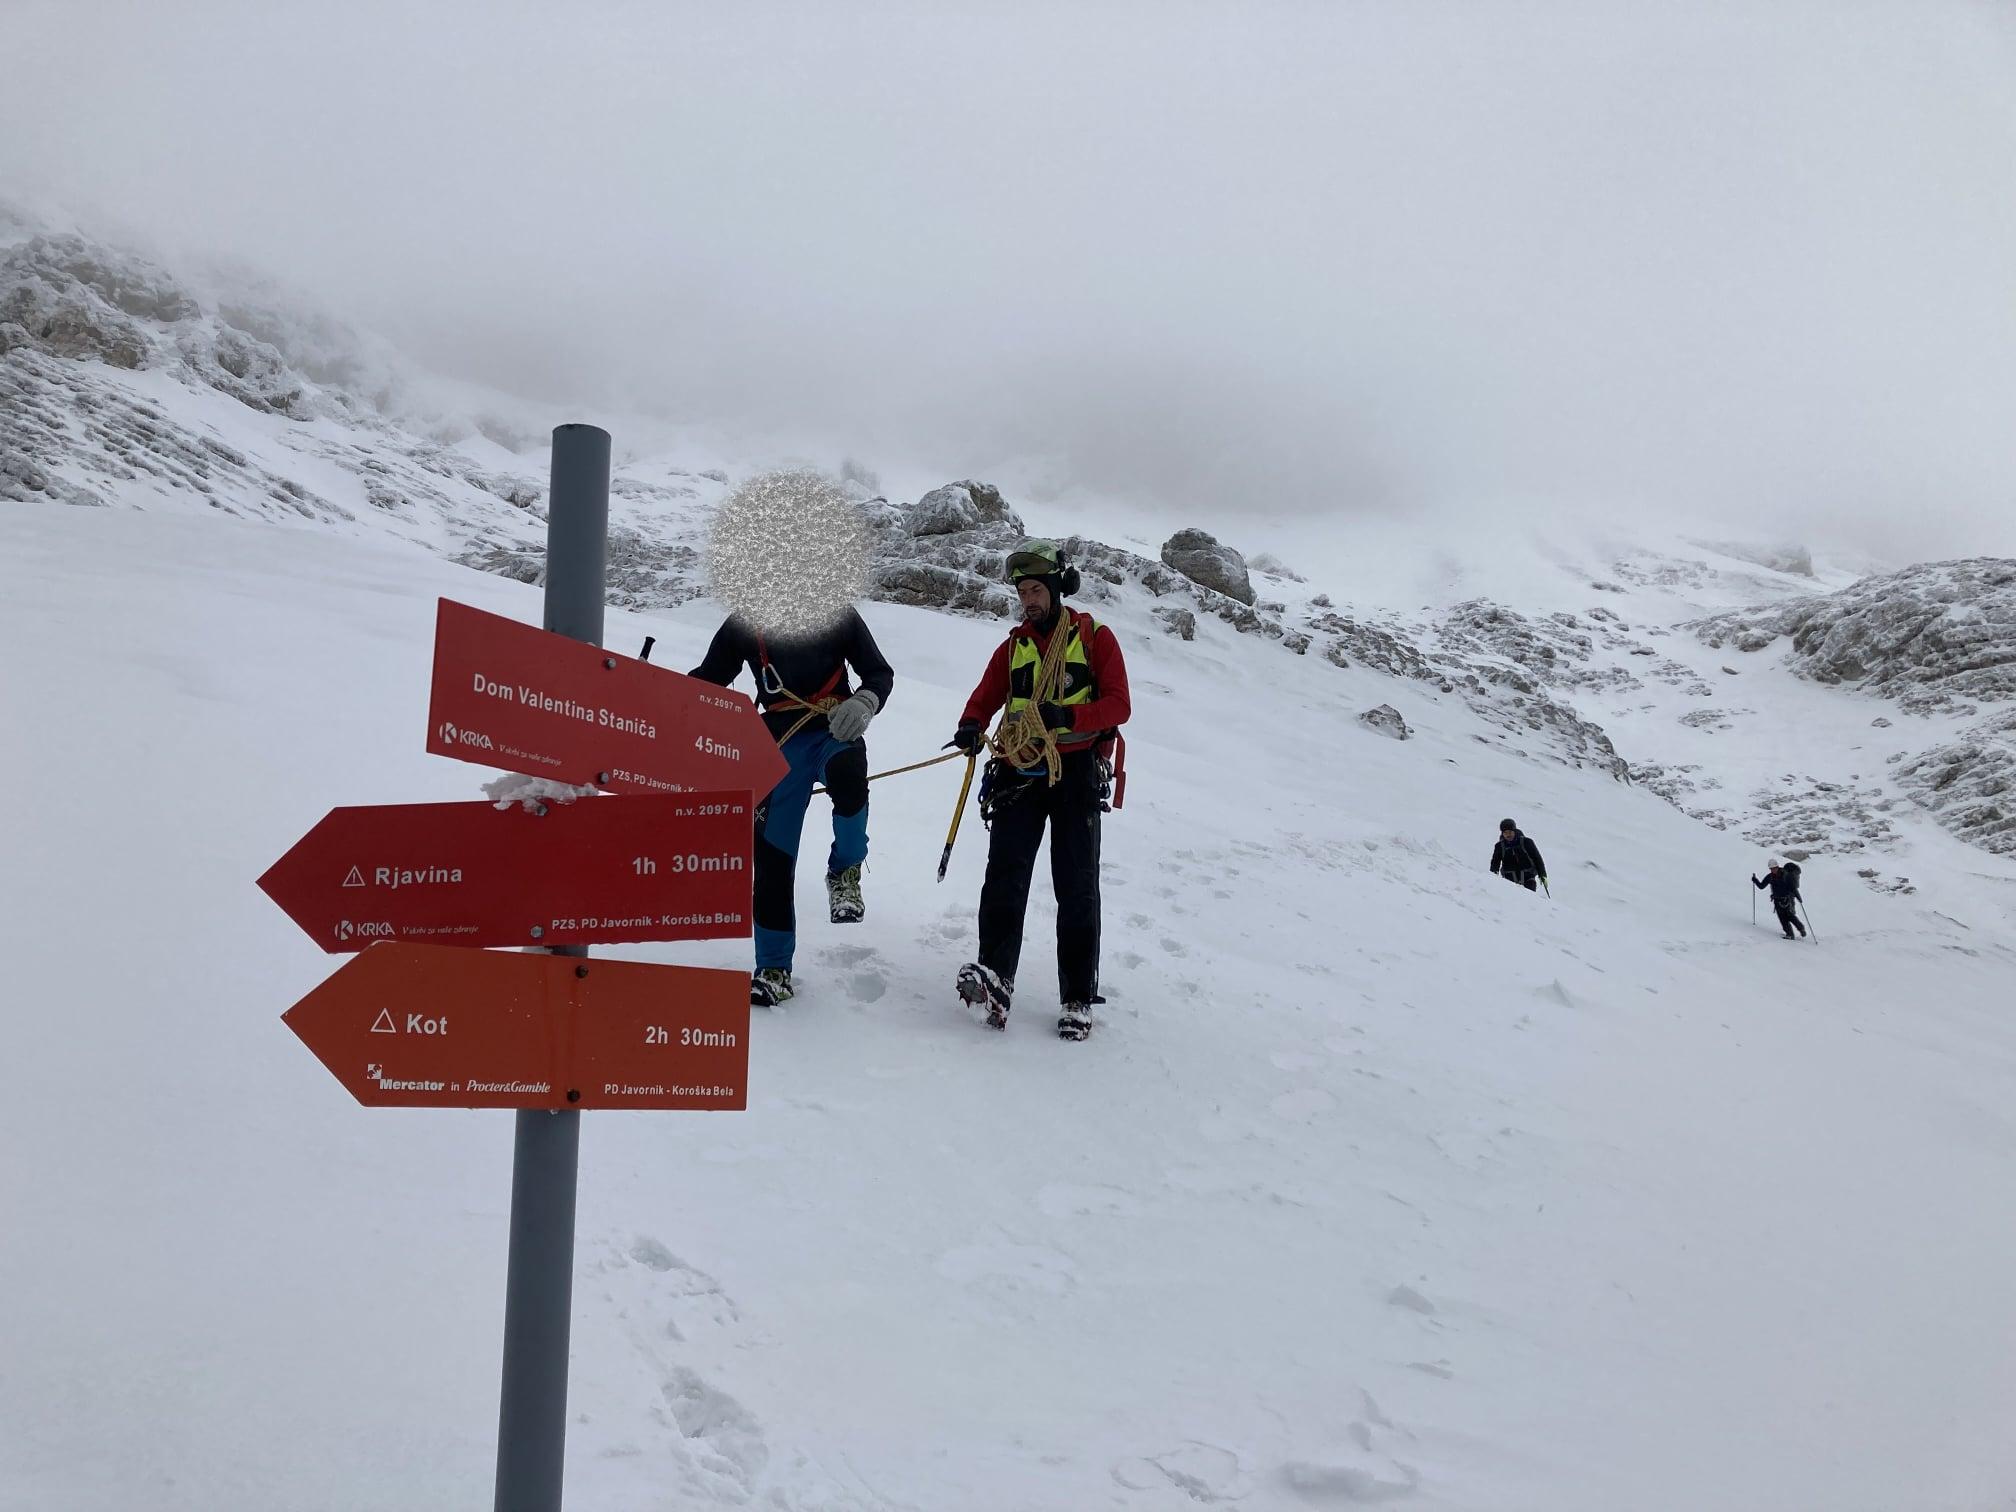 Gorski reševalci opozarjajo na snežne razmere v gorah!